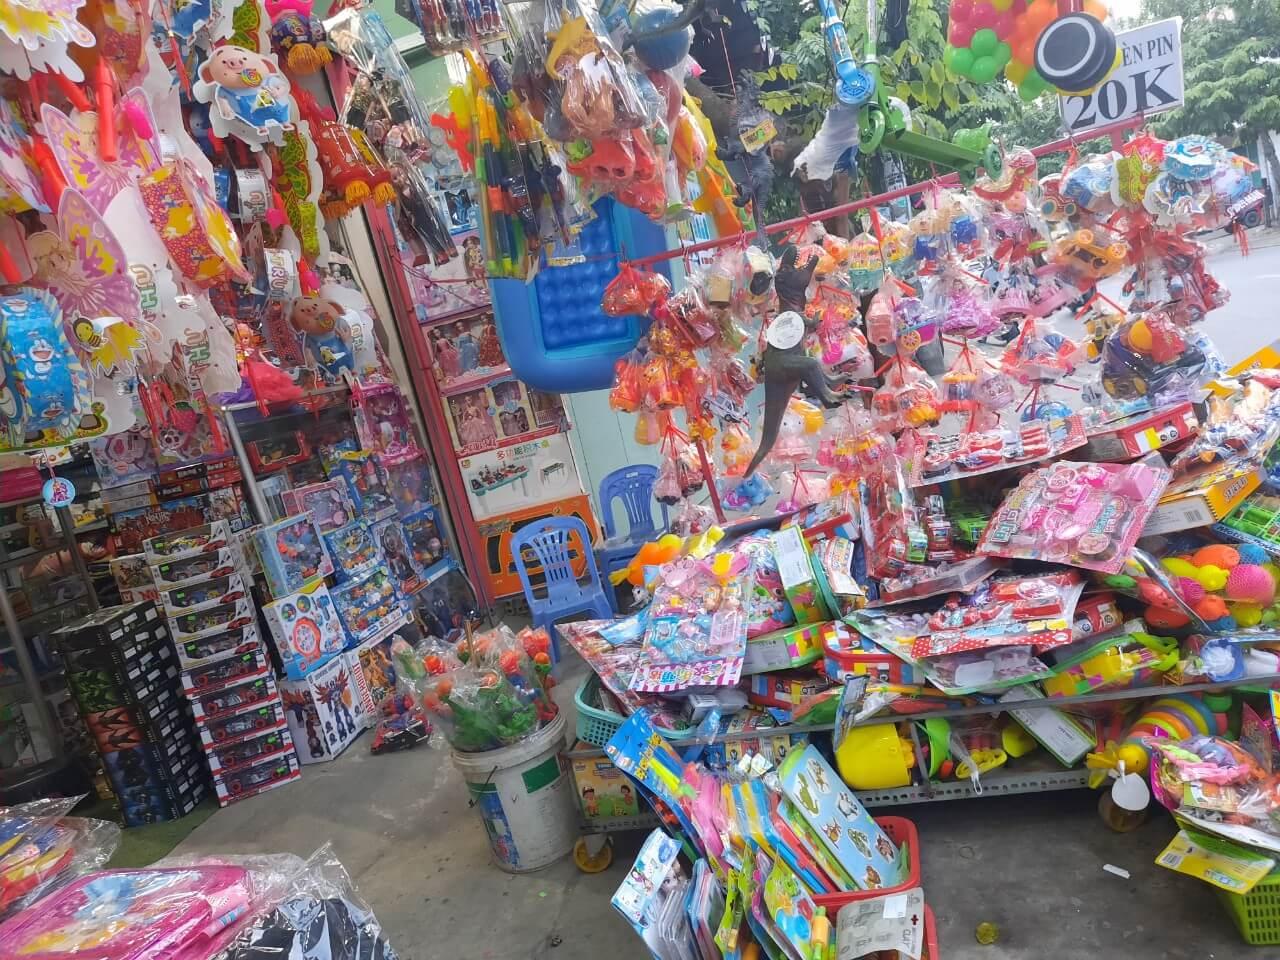 bán hàng đồ chơi 39k